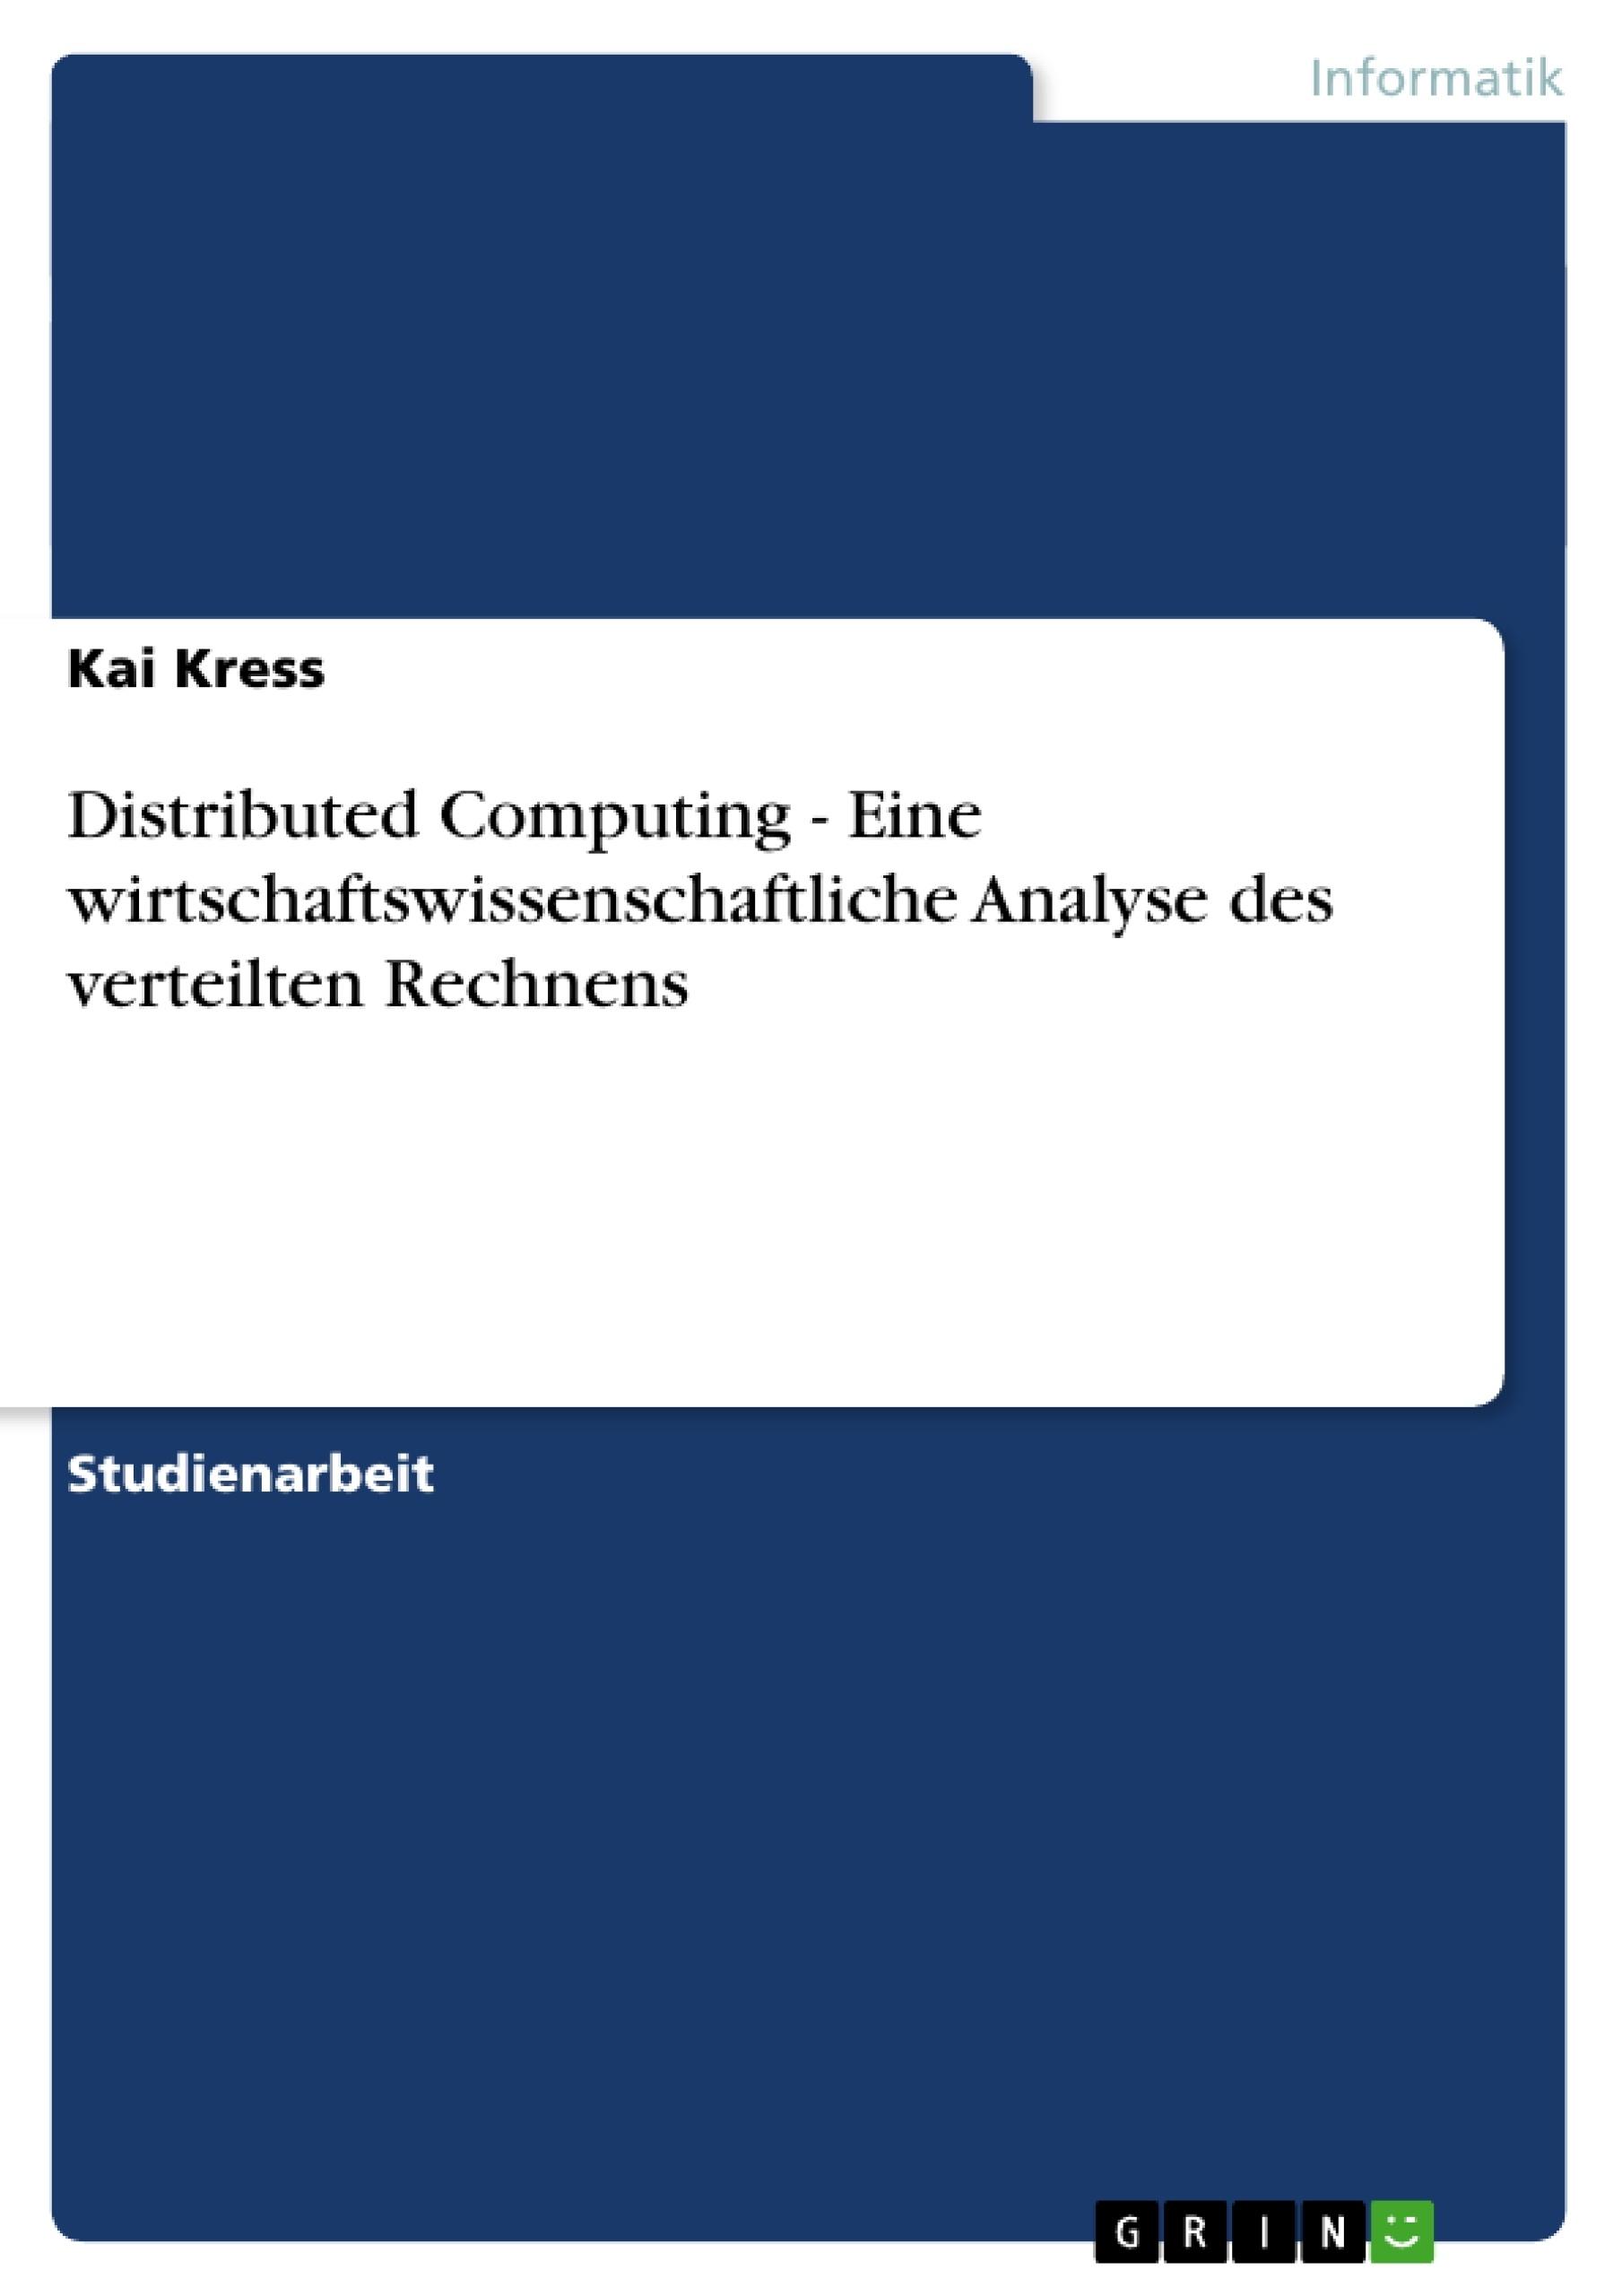 Titel: Distributed Computing - Eine wirtschaftswissenschaftliche Analyse des verteilten Rechnens